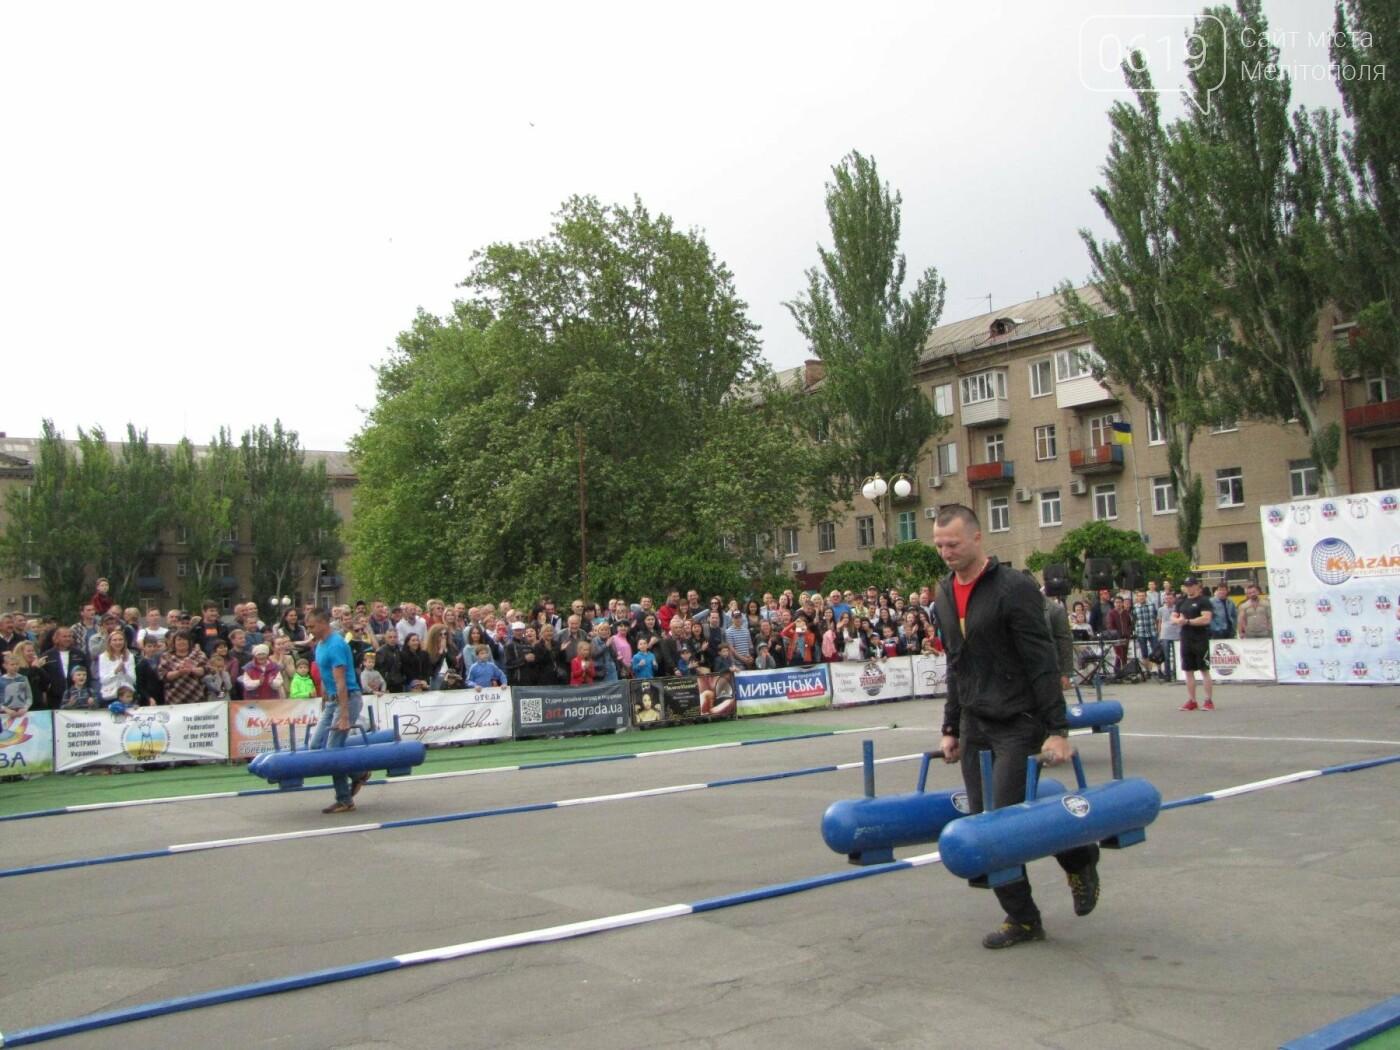 Три победы за неделю: мелитопольский богатырь выиграл второй этап международного чемпионата, фото-52